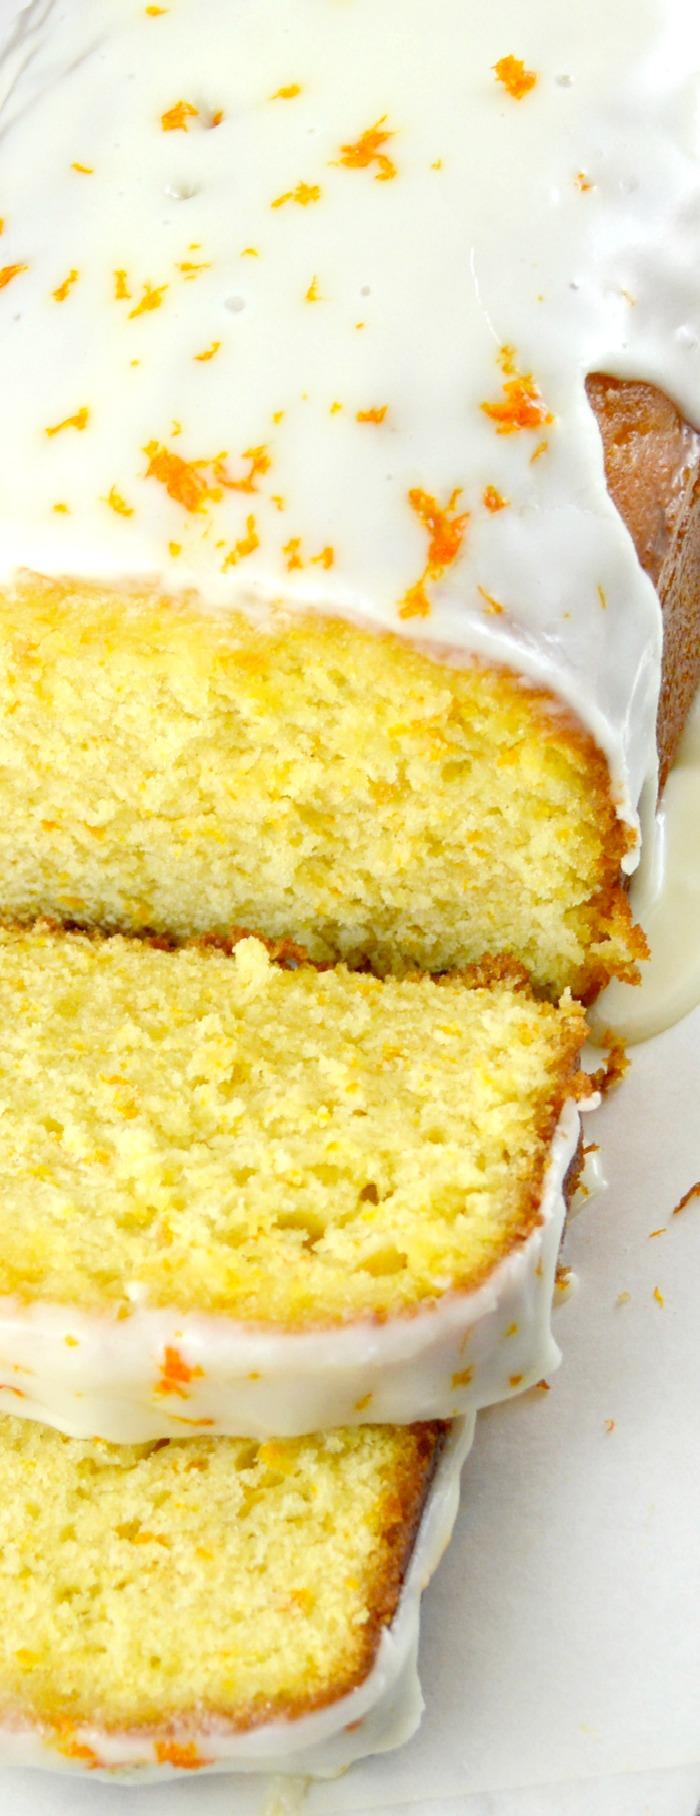 Recipe For Buttermilk Cream Cheese Pound Cake